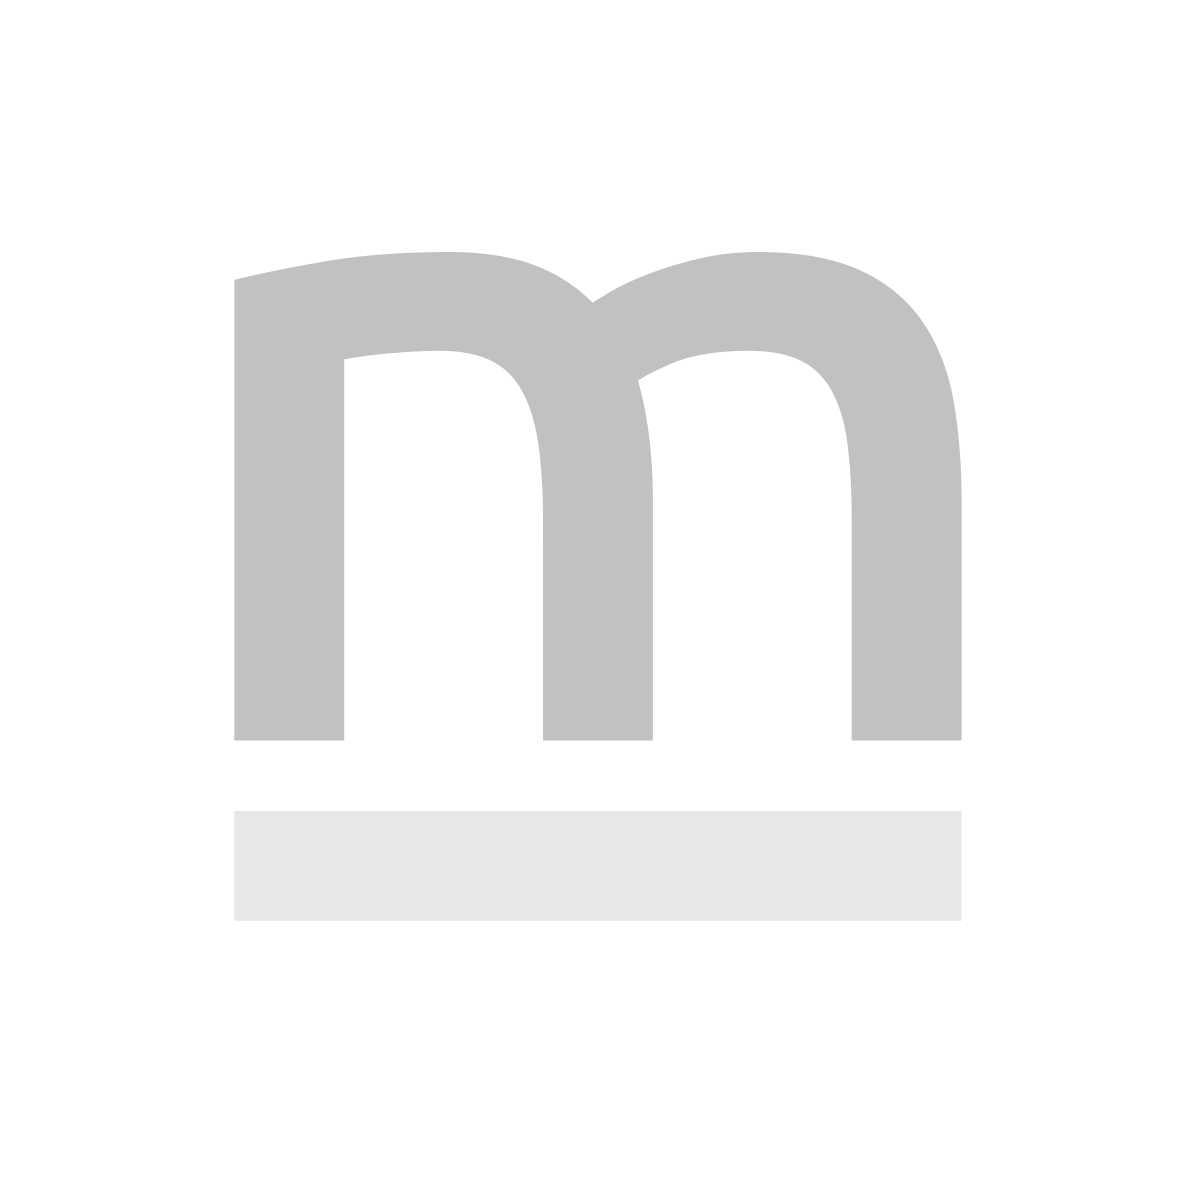 Leżak ogrodowy drewniany MENTIR LUX niebieski